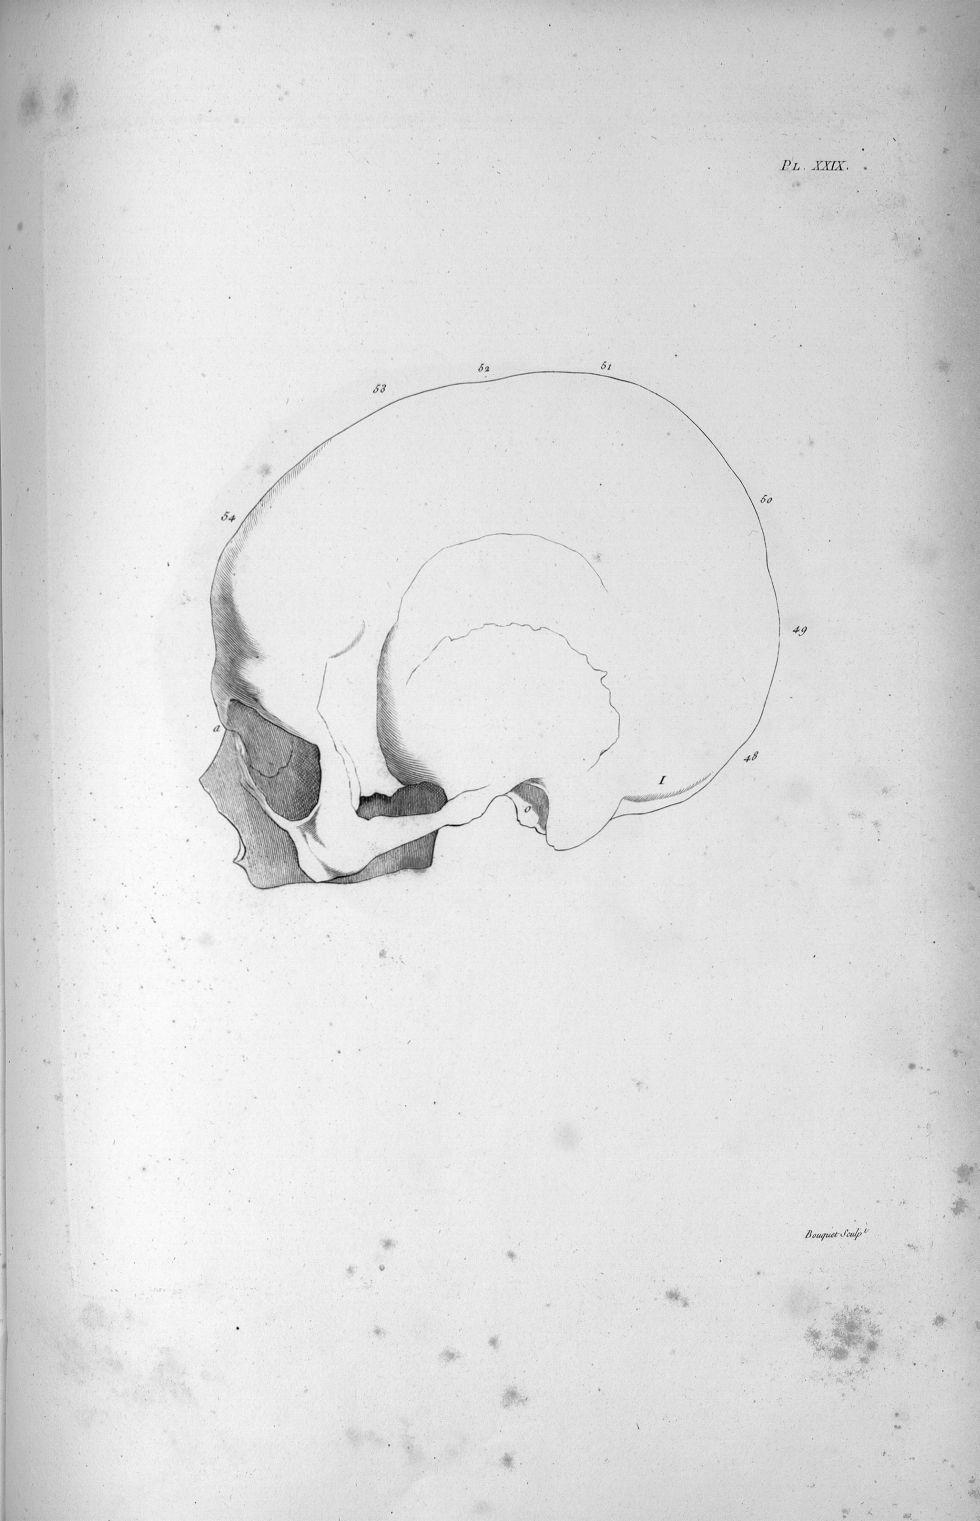 Pl. XXIX. Crâne d'une vieille femme incomplètement imbécile de naissance - Anatomie et physiologie d [...] - Anatomie. Neurologie. Crânes. Phrénologie. 19e siècle (France) - med00575x02x0353